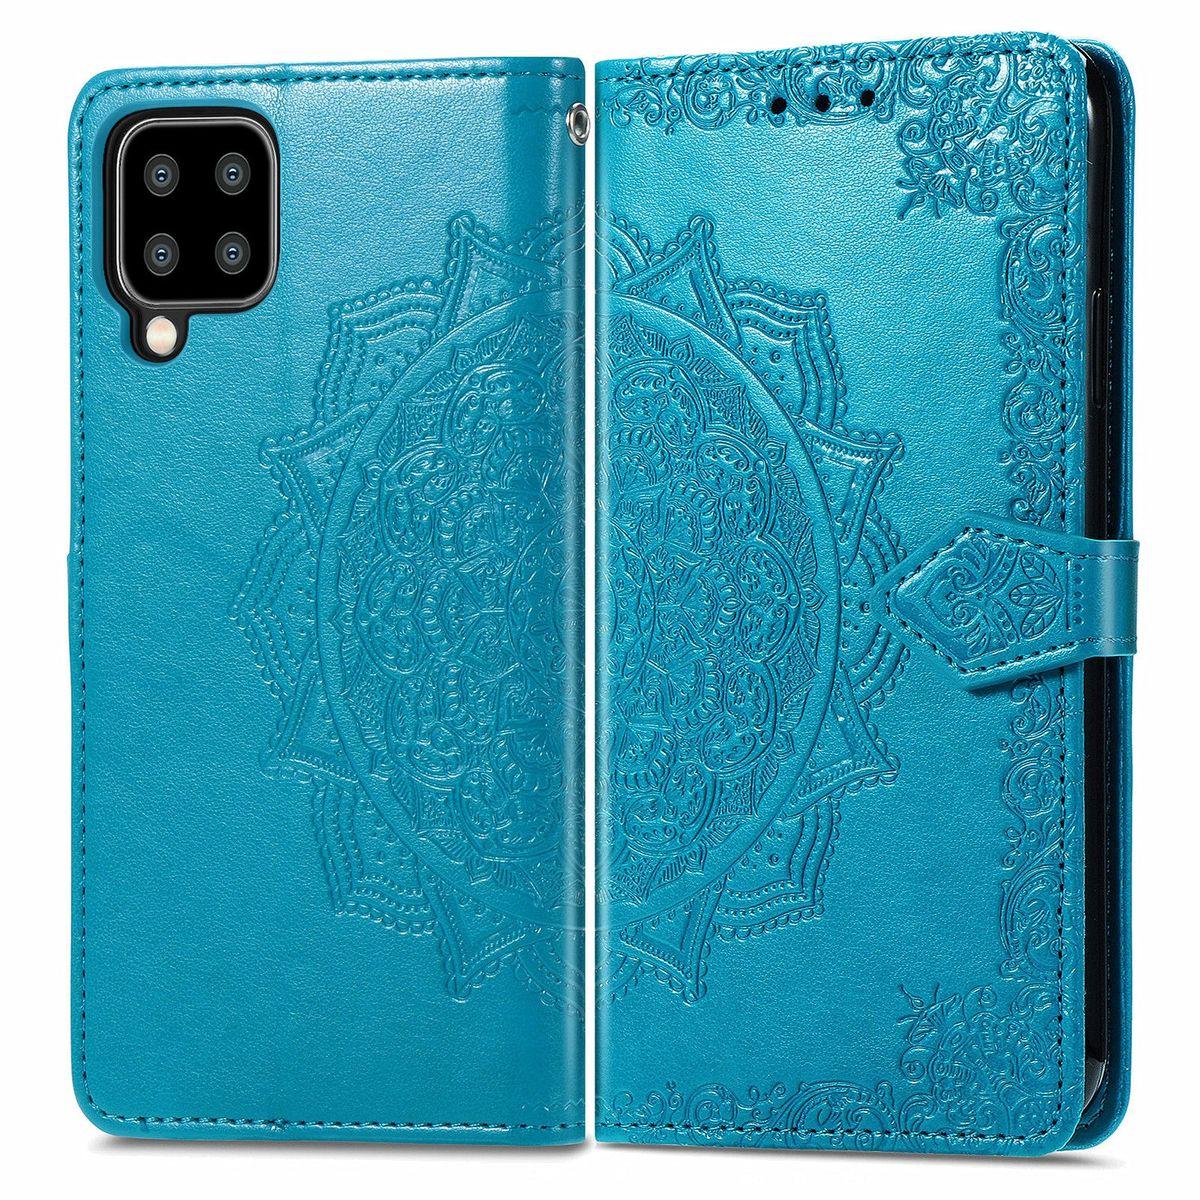 Samsung Galaxy A22 5G Tasche Handy Hülle Schutz-Cover Flip-Case mit Kartenfach Blau